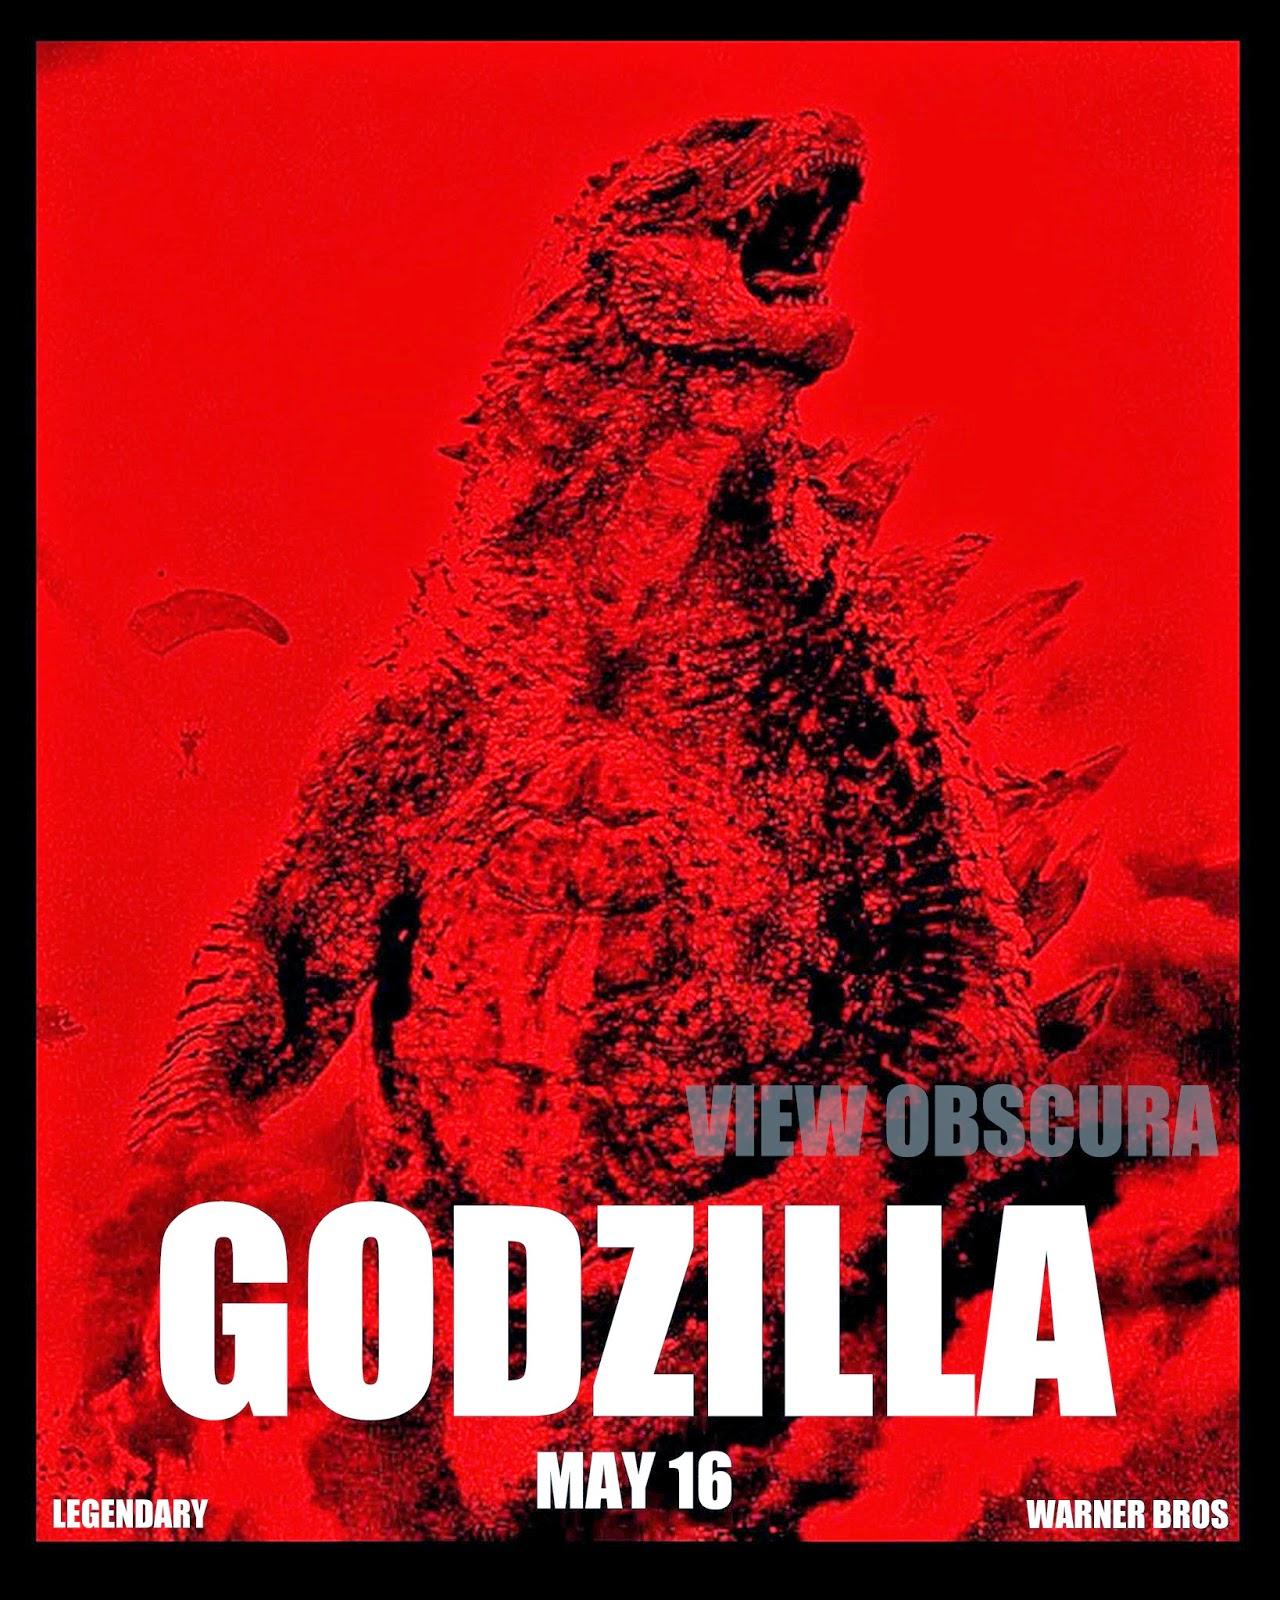 godzilla 2014 godzillas rampage version b poster print - Godzilla Pictures To Print